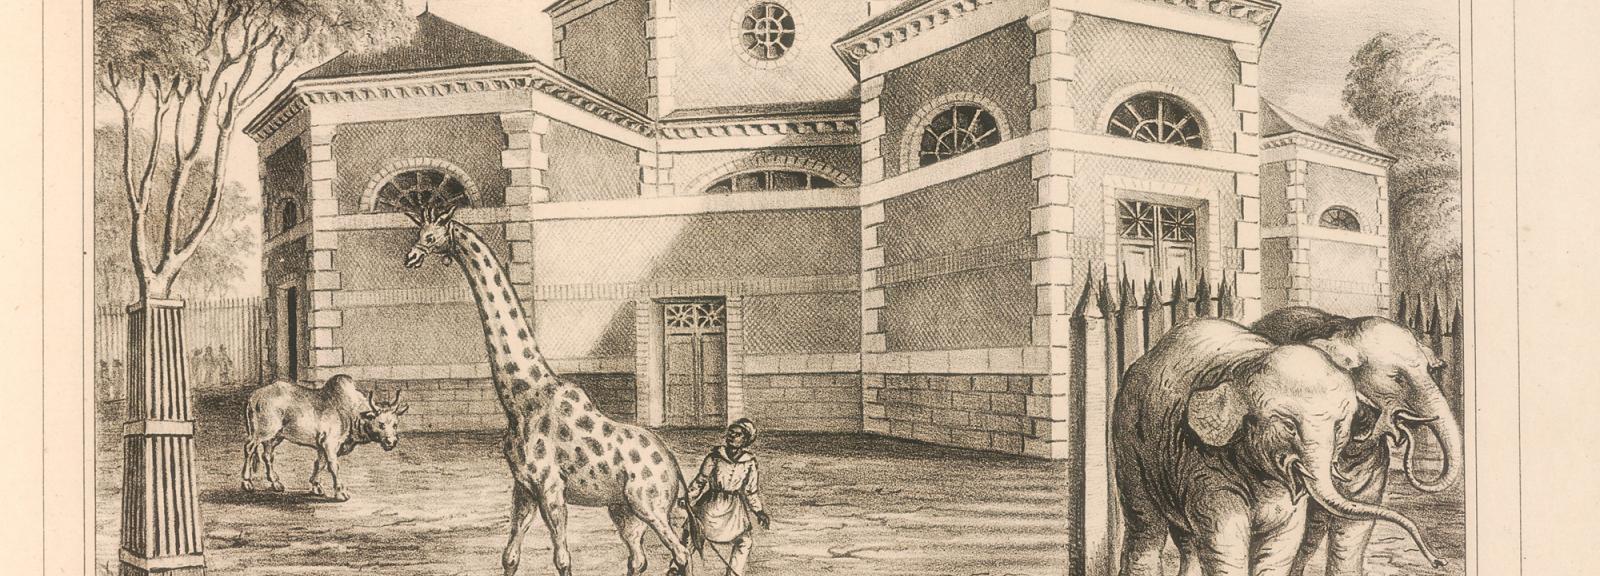 À gauche, la girafe Zarafa et à droite Hanz et Parkies, le couple d'éléphants mélomanes © MNHN - Direction des bibliothèques et de la documentation